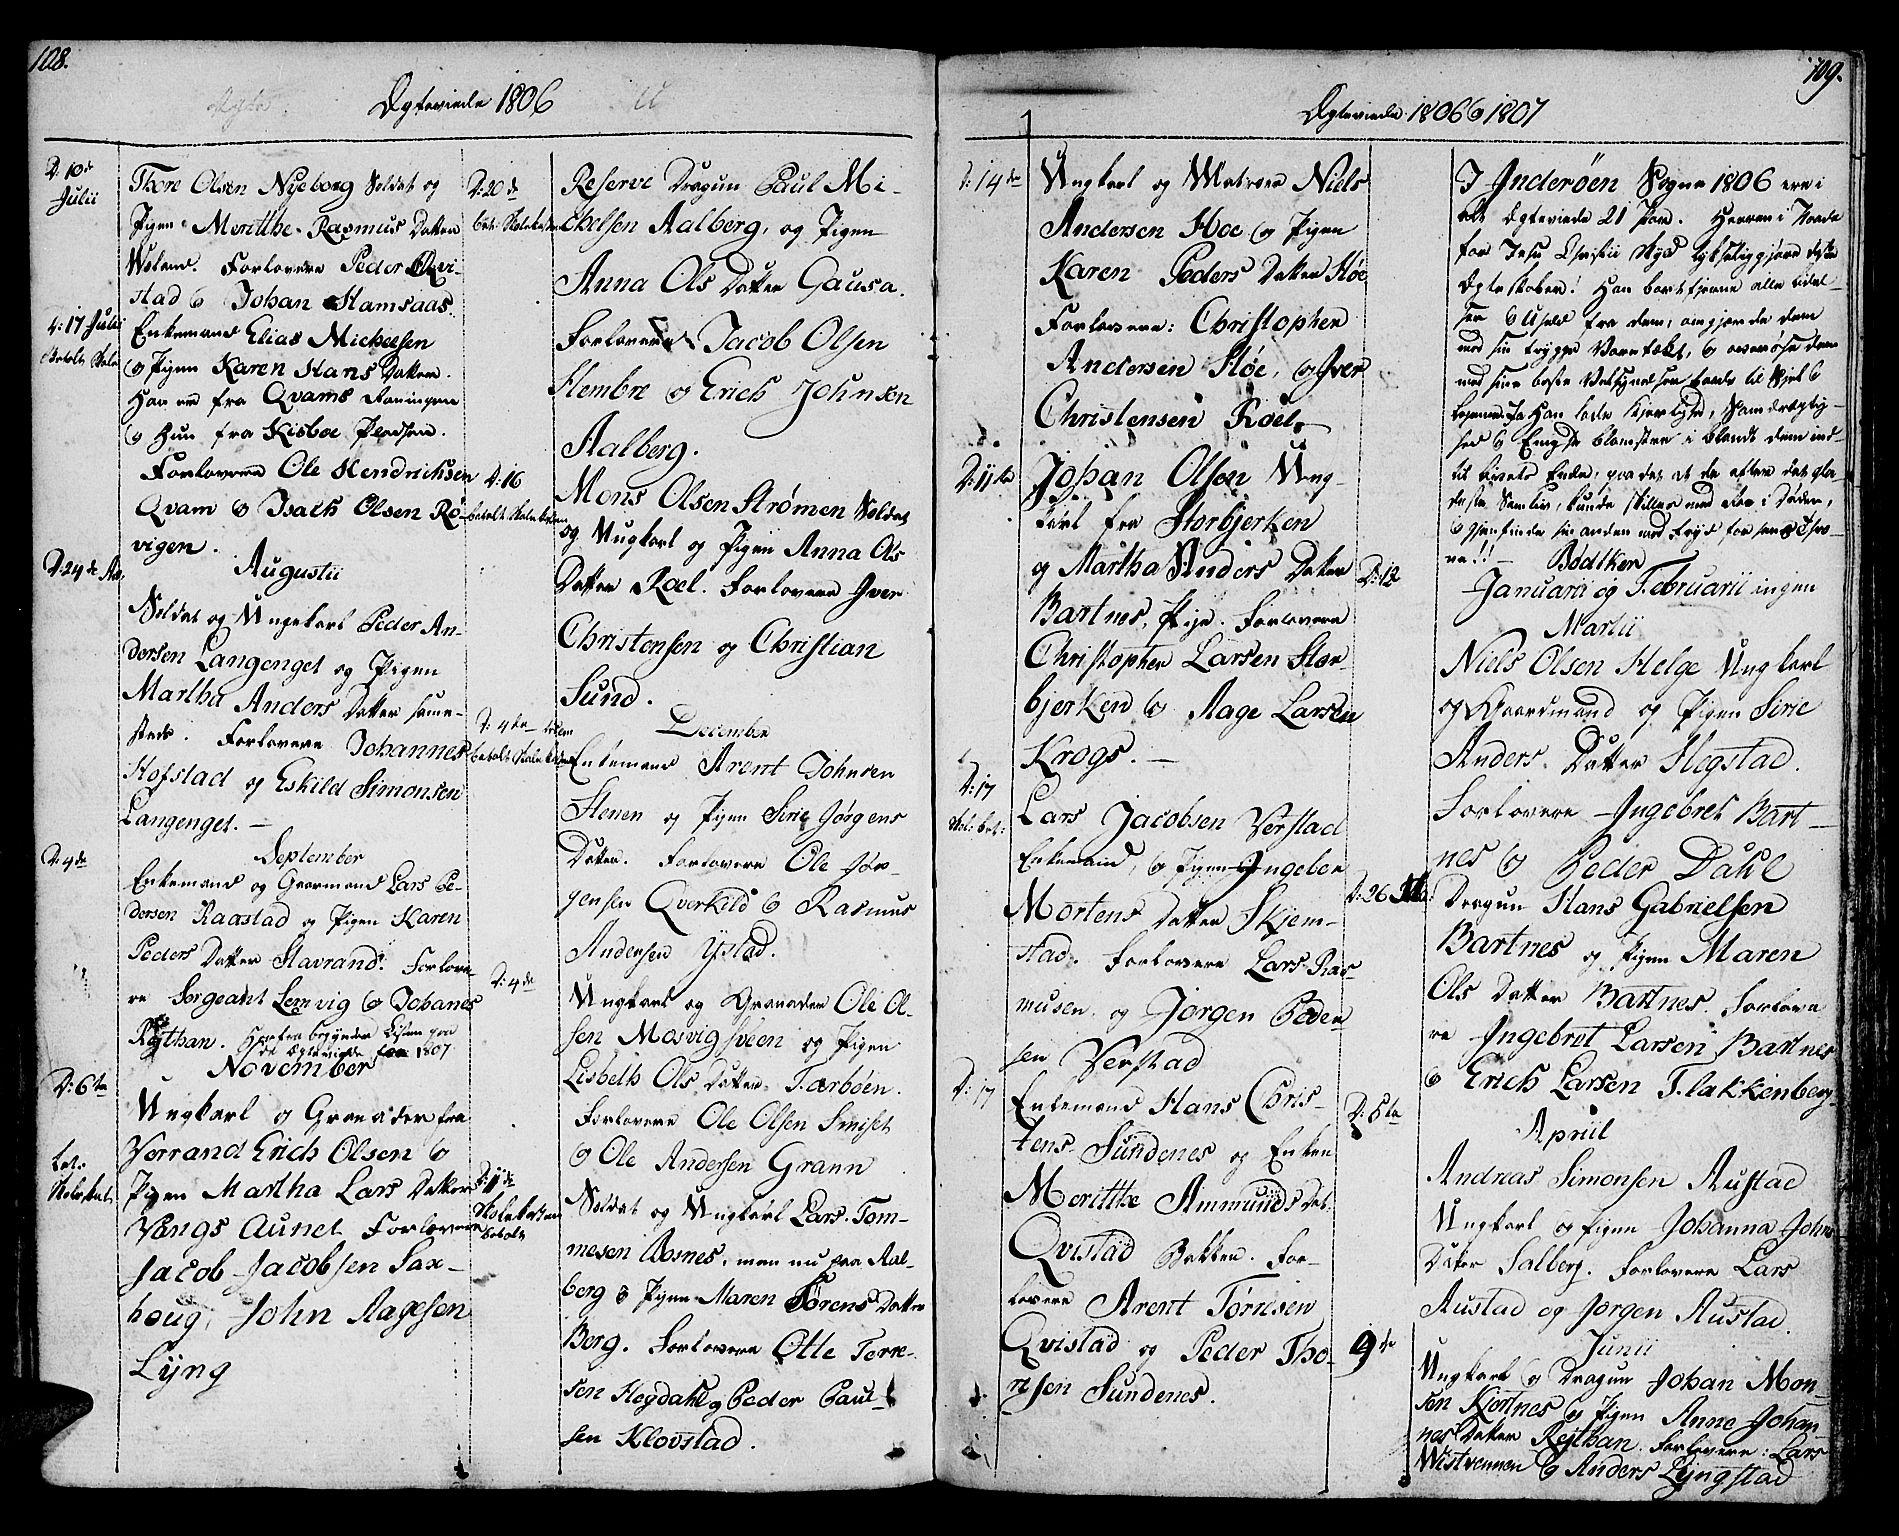 SAT, Ministerialprotokoller, klokkerbøker og fødselsregistre - Nord-Trøndelag, 730/L0274: Ministerialbok nr. 730A03, 1802-1816, s. 108-109